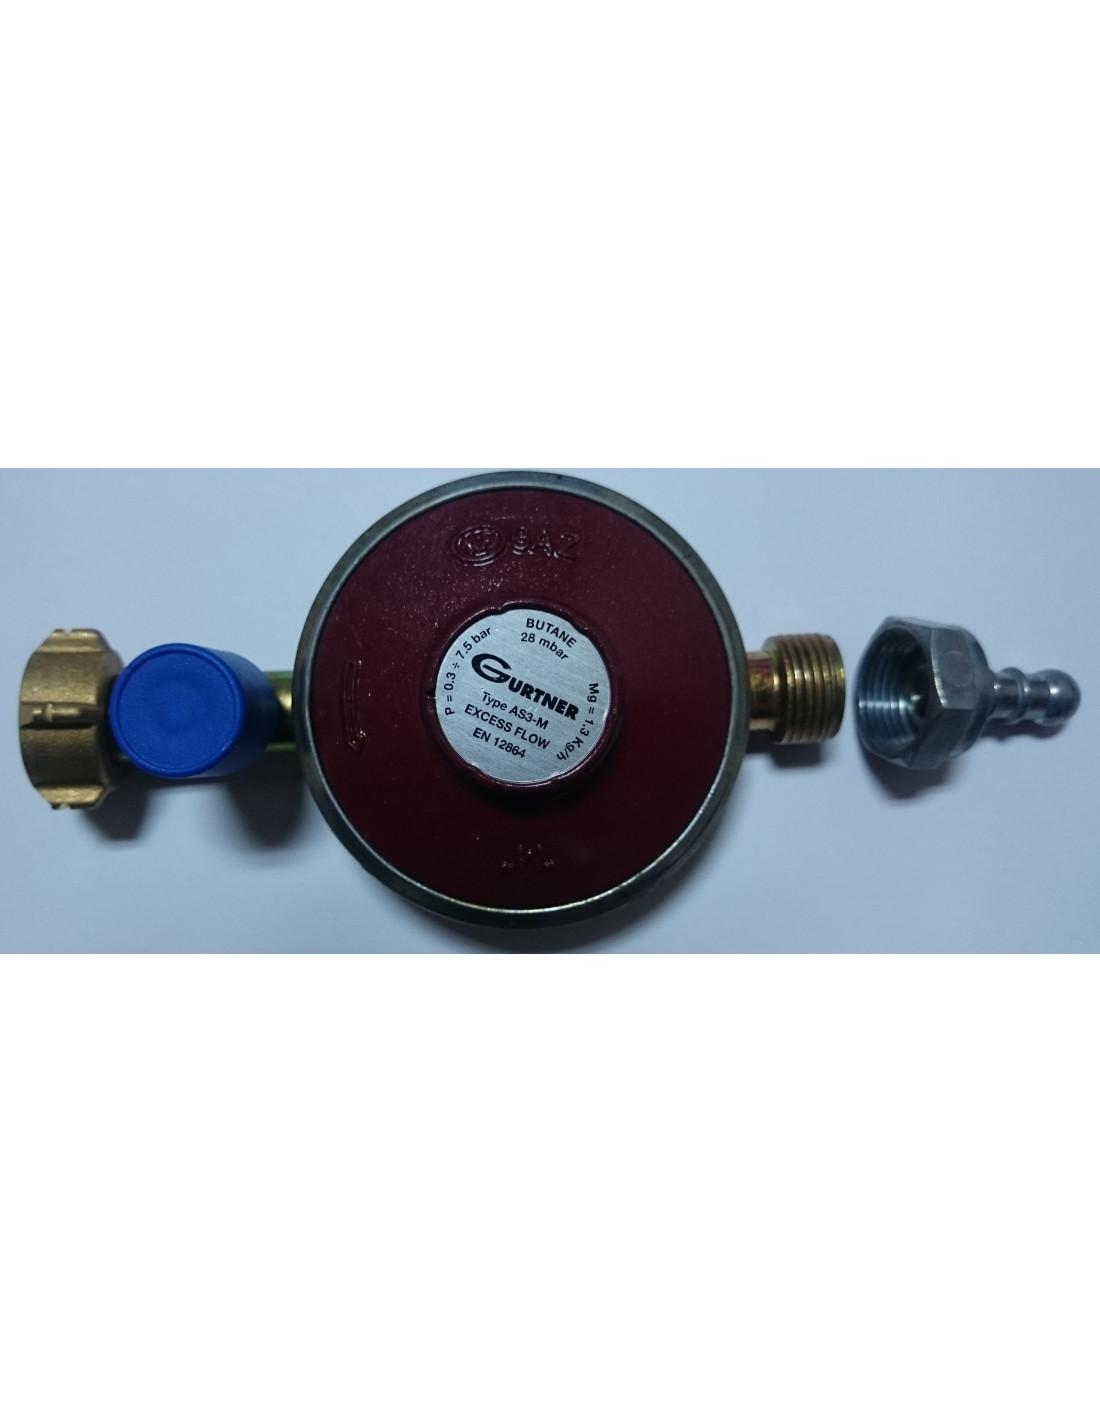 Regulador de gas butano tienda de camping online - Regulador gas butano ...